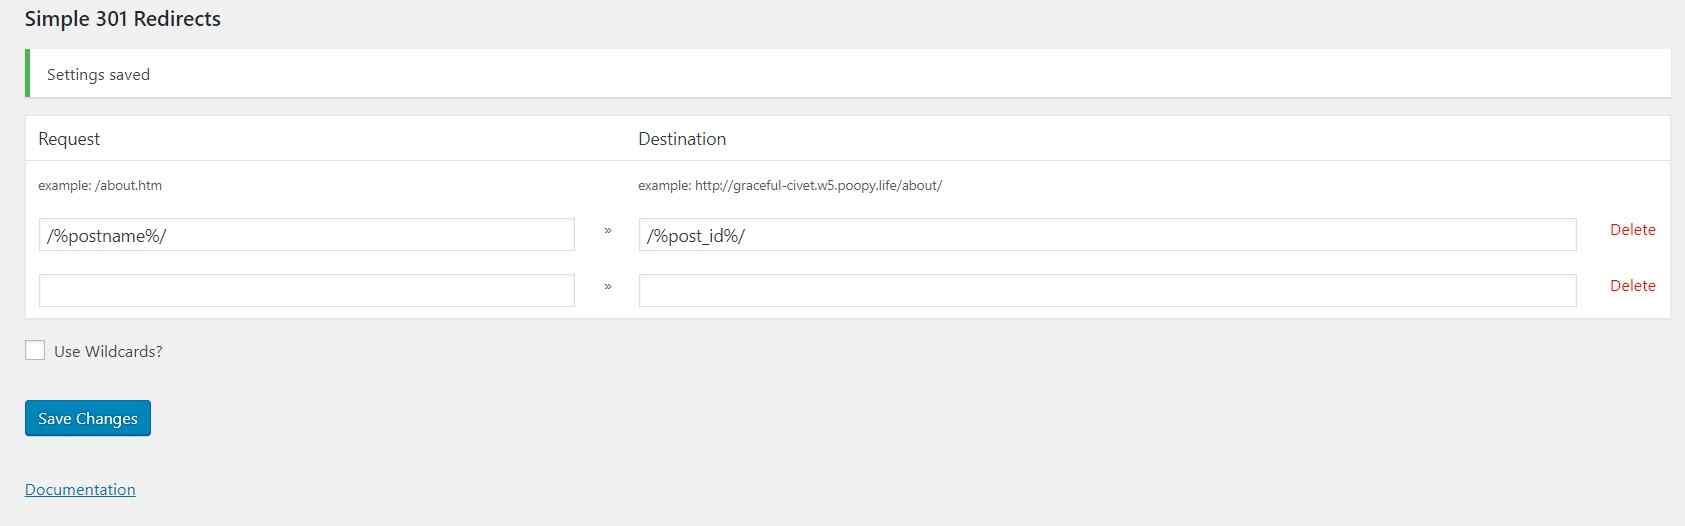 Thay đổi permalink wordpress và chuyển hướng 301 từ url cũ sang url mới